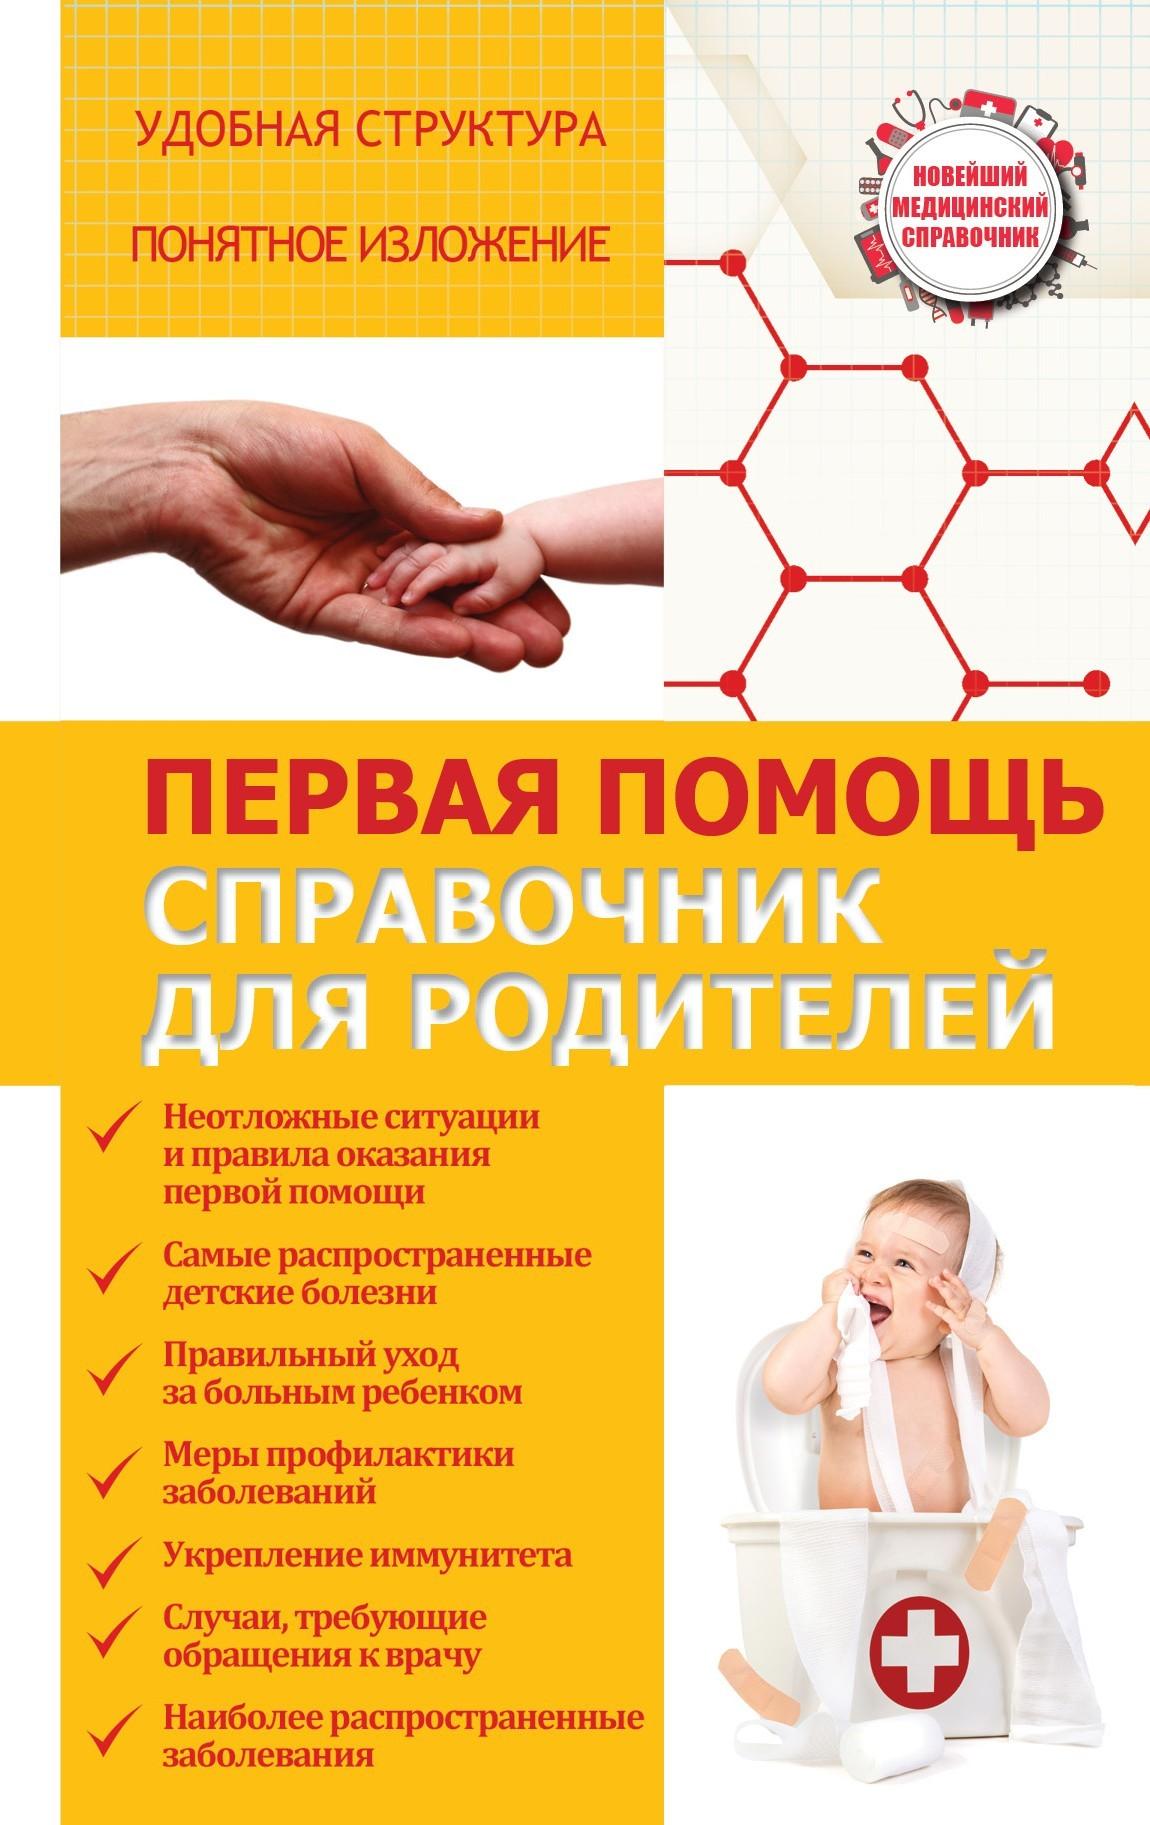 Сергей Максимович Первая помощь. Справочник для родителей